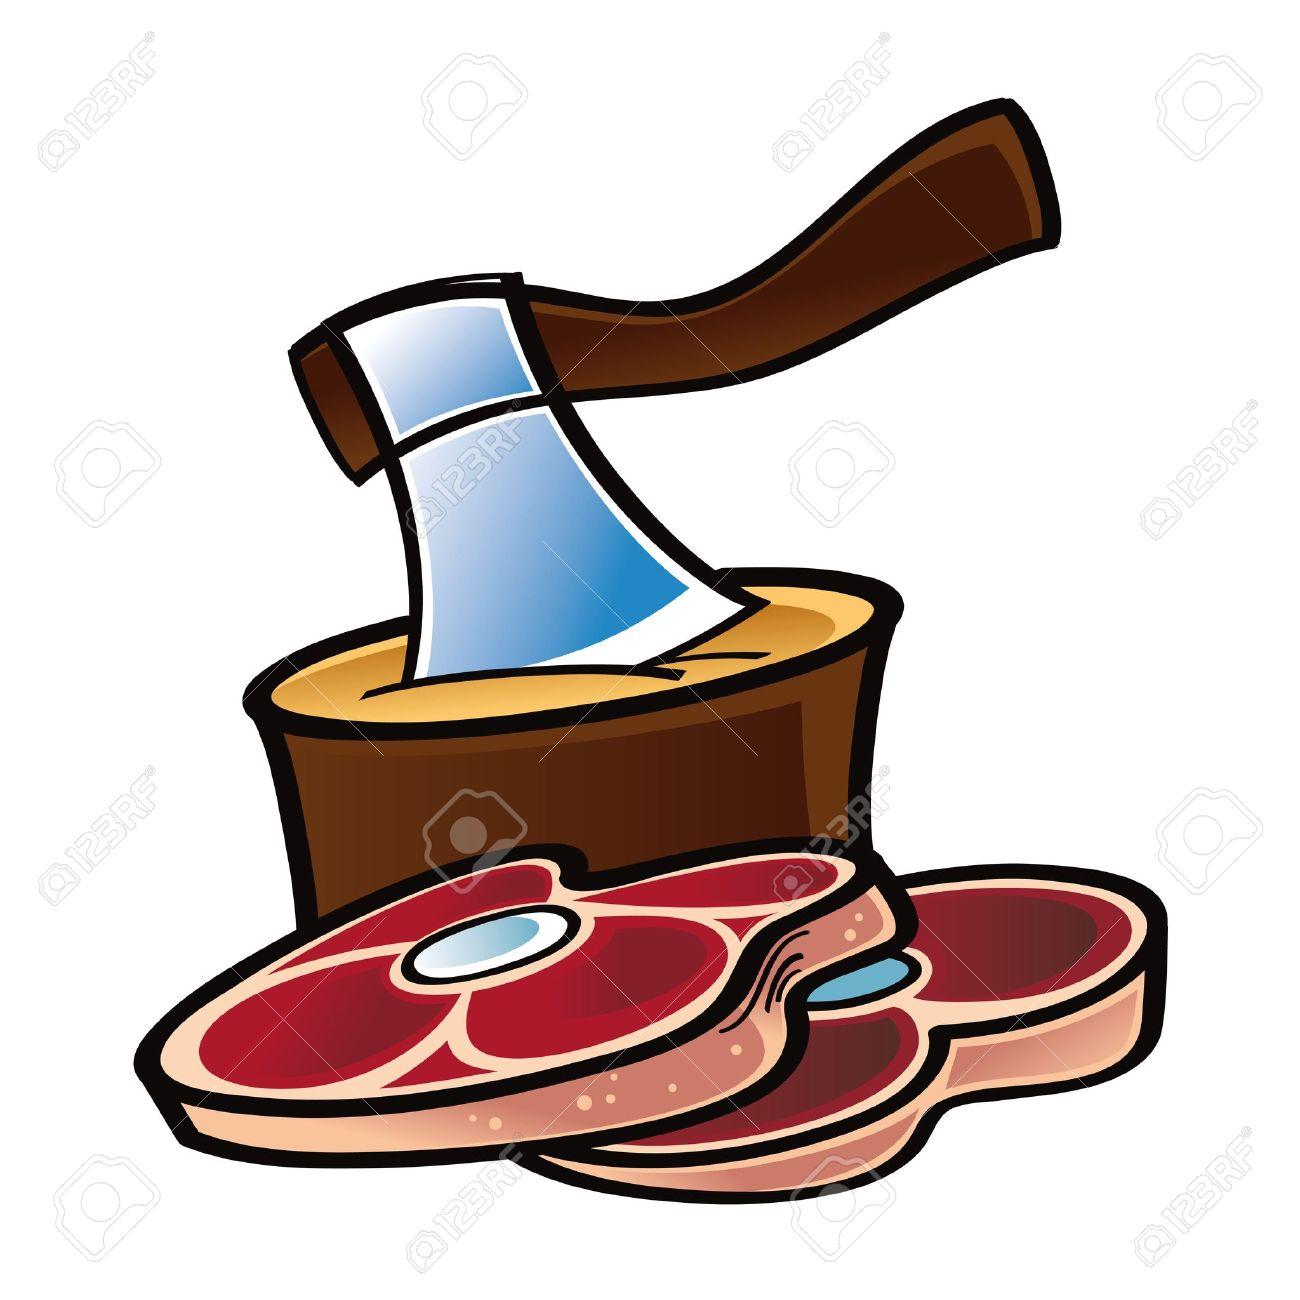 Lamb chop clipart.